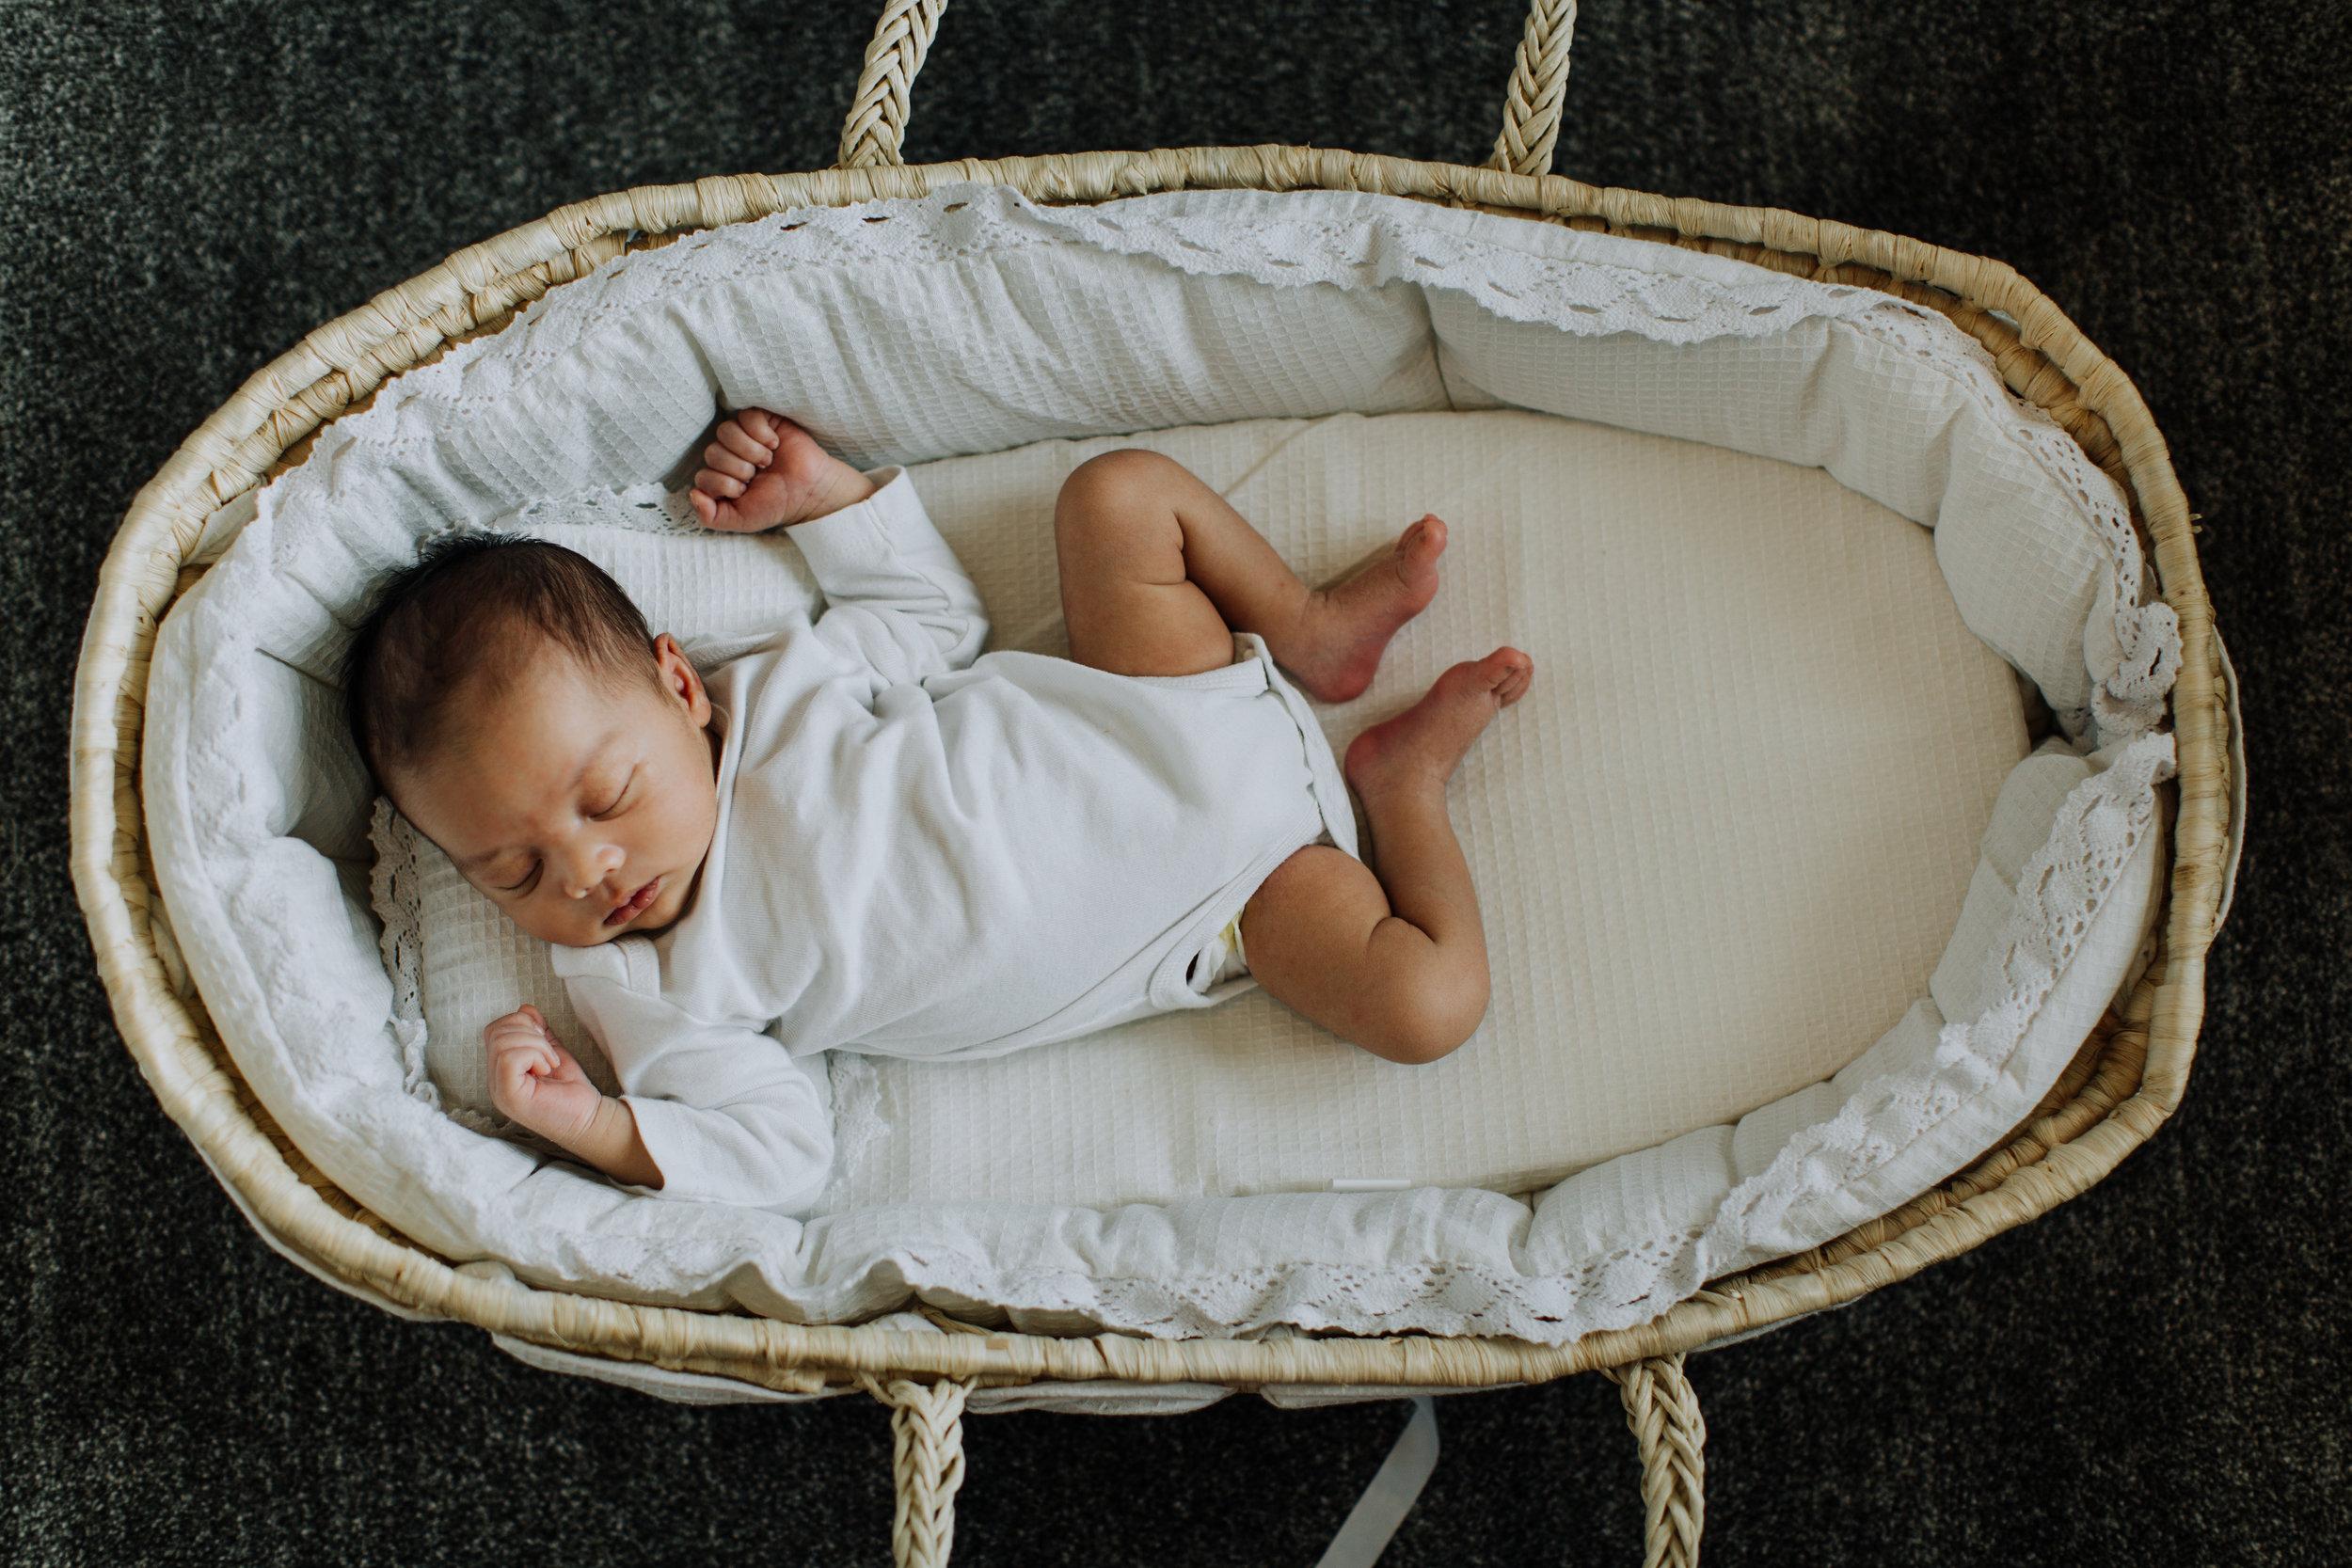 swp_montano_s_newborn_0060.jpg